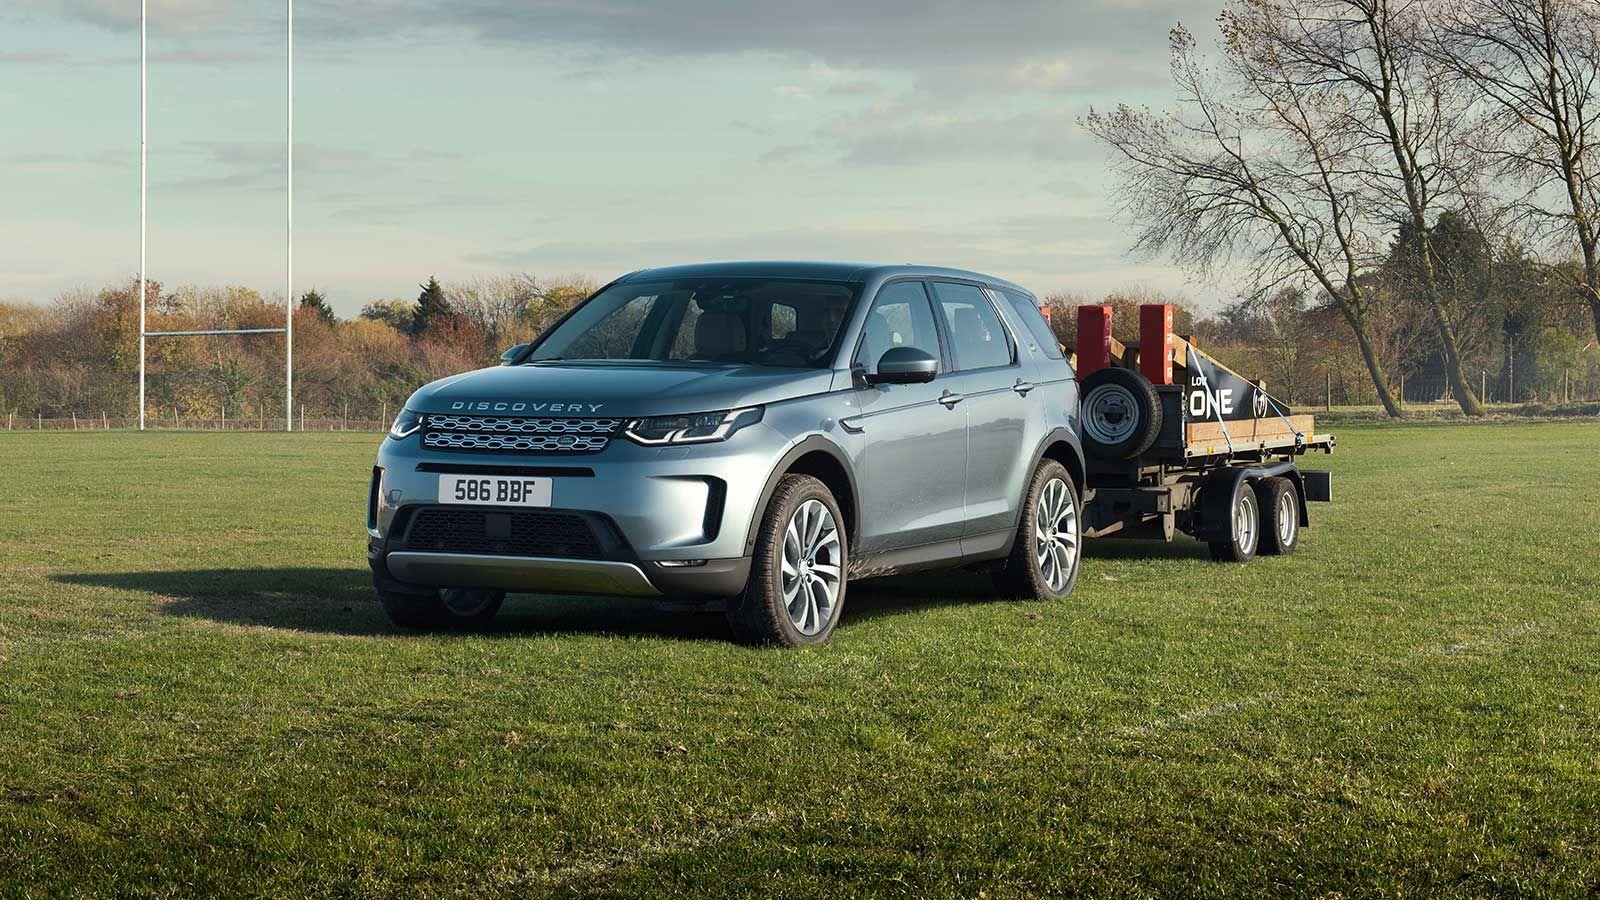 Land Rover Discovery Sport 2020 precio en México Se comercializan 5 versiones de este modelo en el país